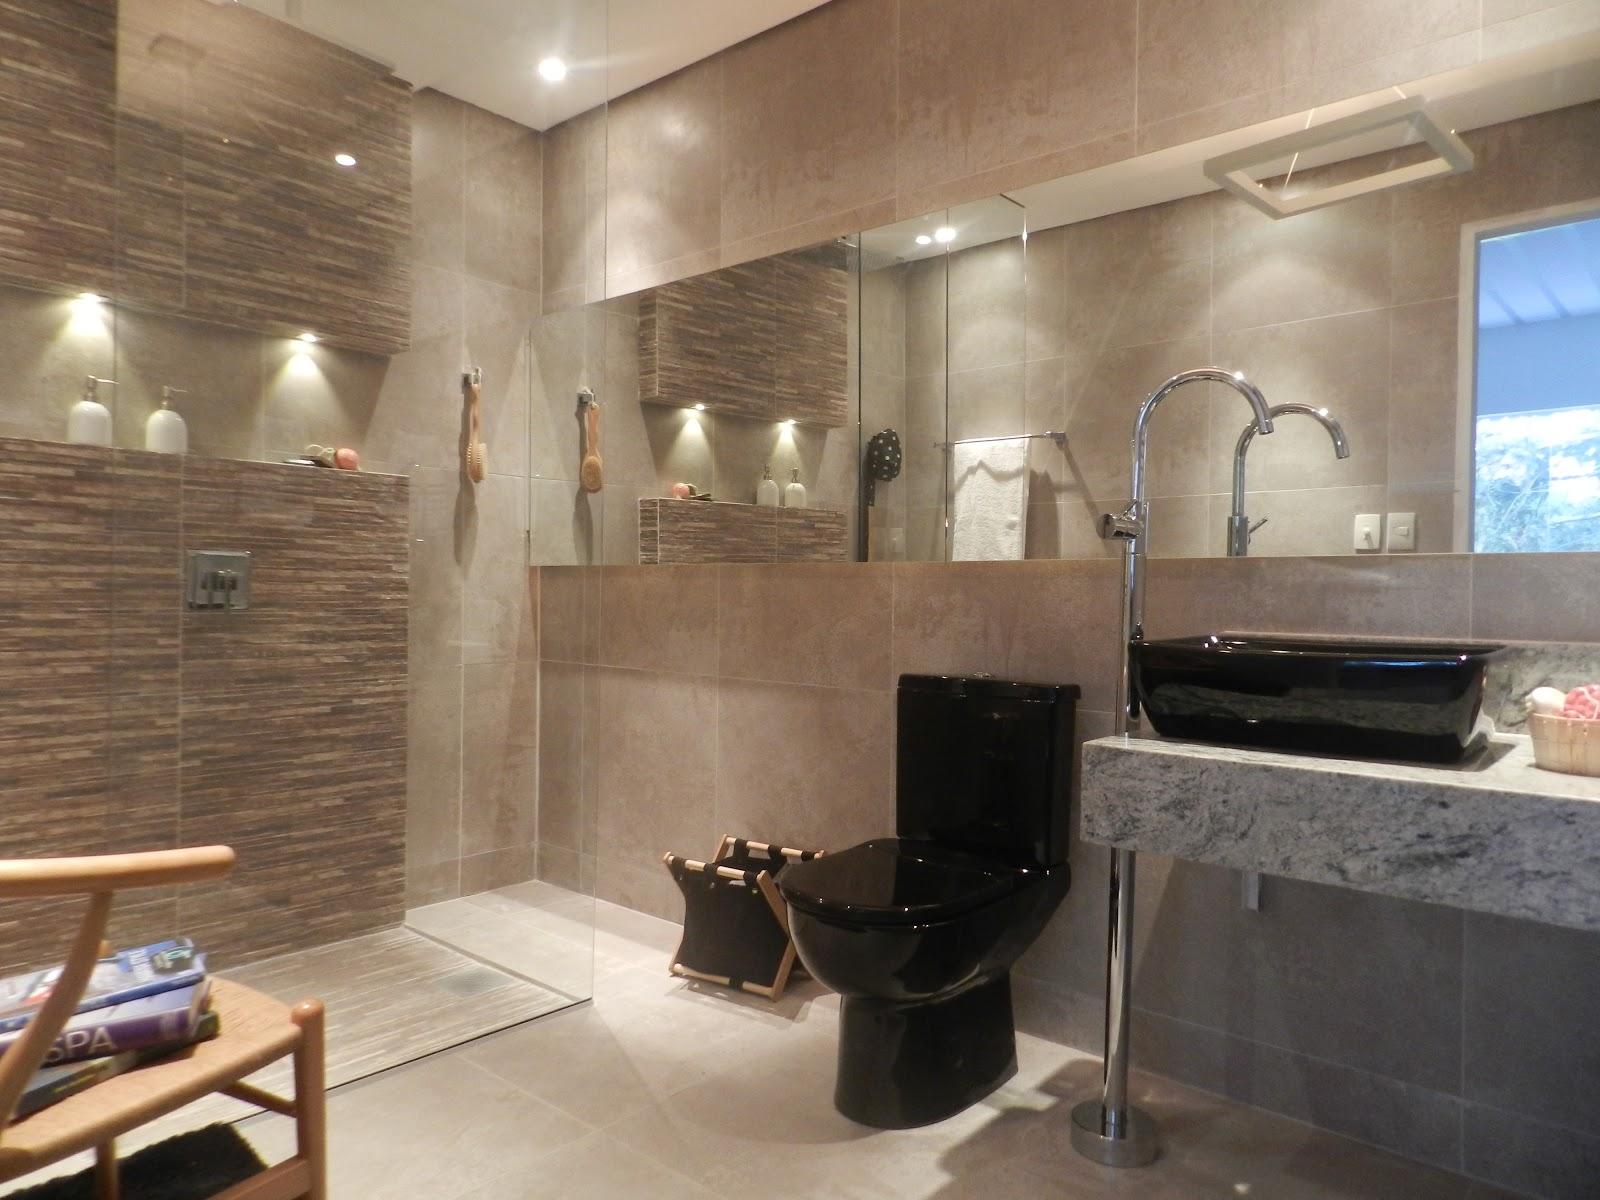 Imagens de #1E61AD Banheiros Sofisticados 9 Beautiful Scenery Photography 1600x1200 px 3610 Banheiros Sofisticados Fotos